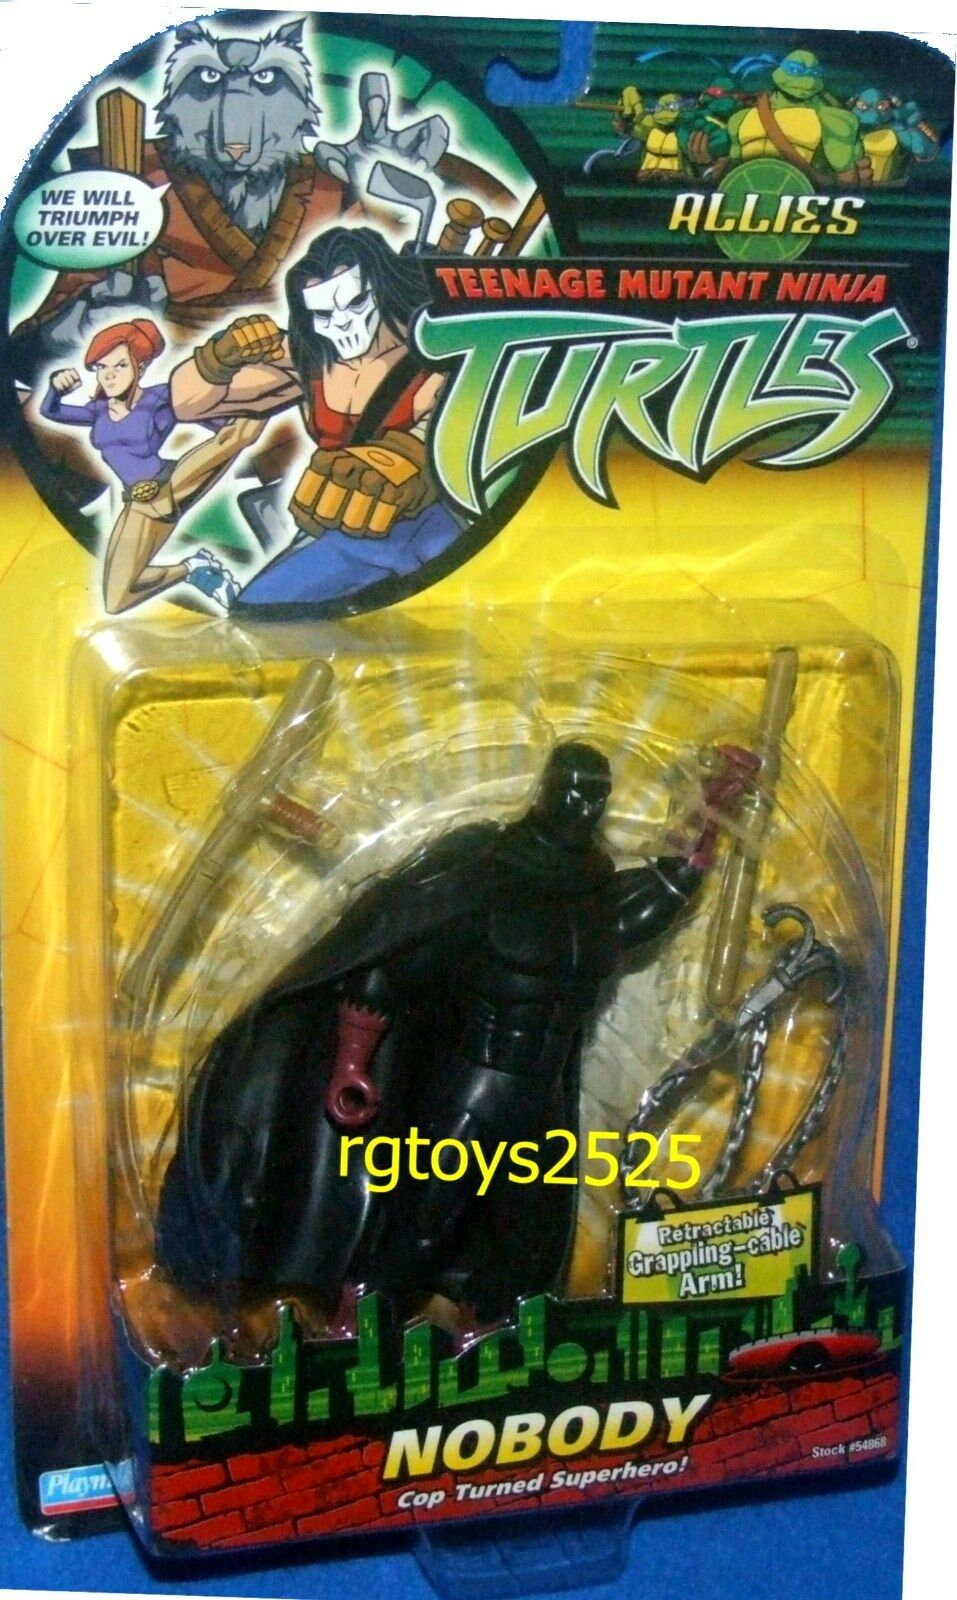 Teenage mutant ninja turtles 5  keiner neuen verbündeten fabrik versiegelt, 2006